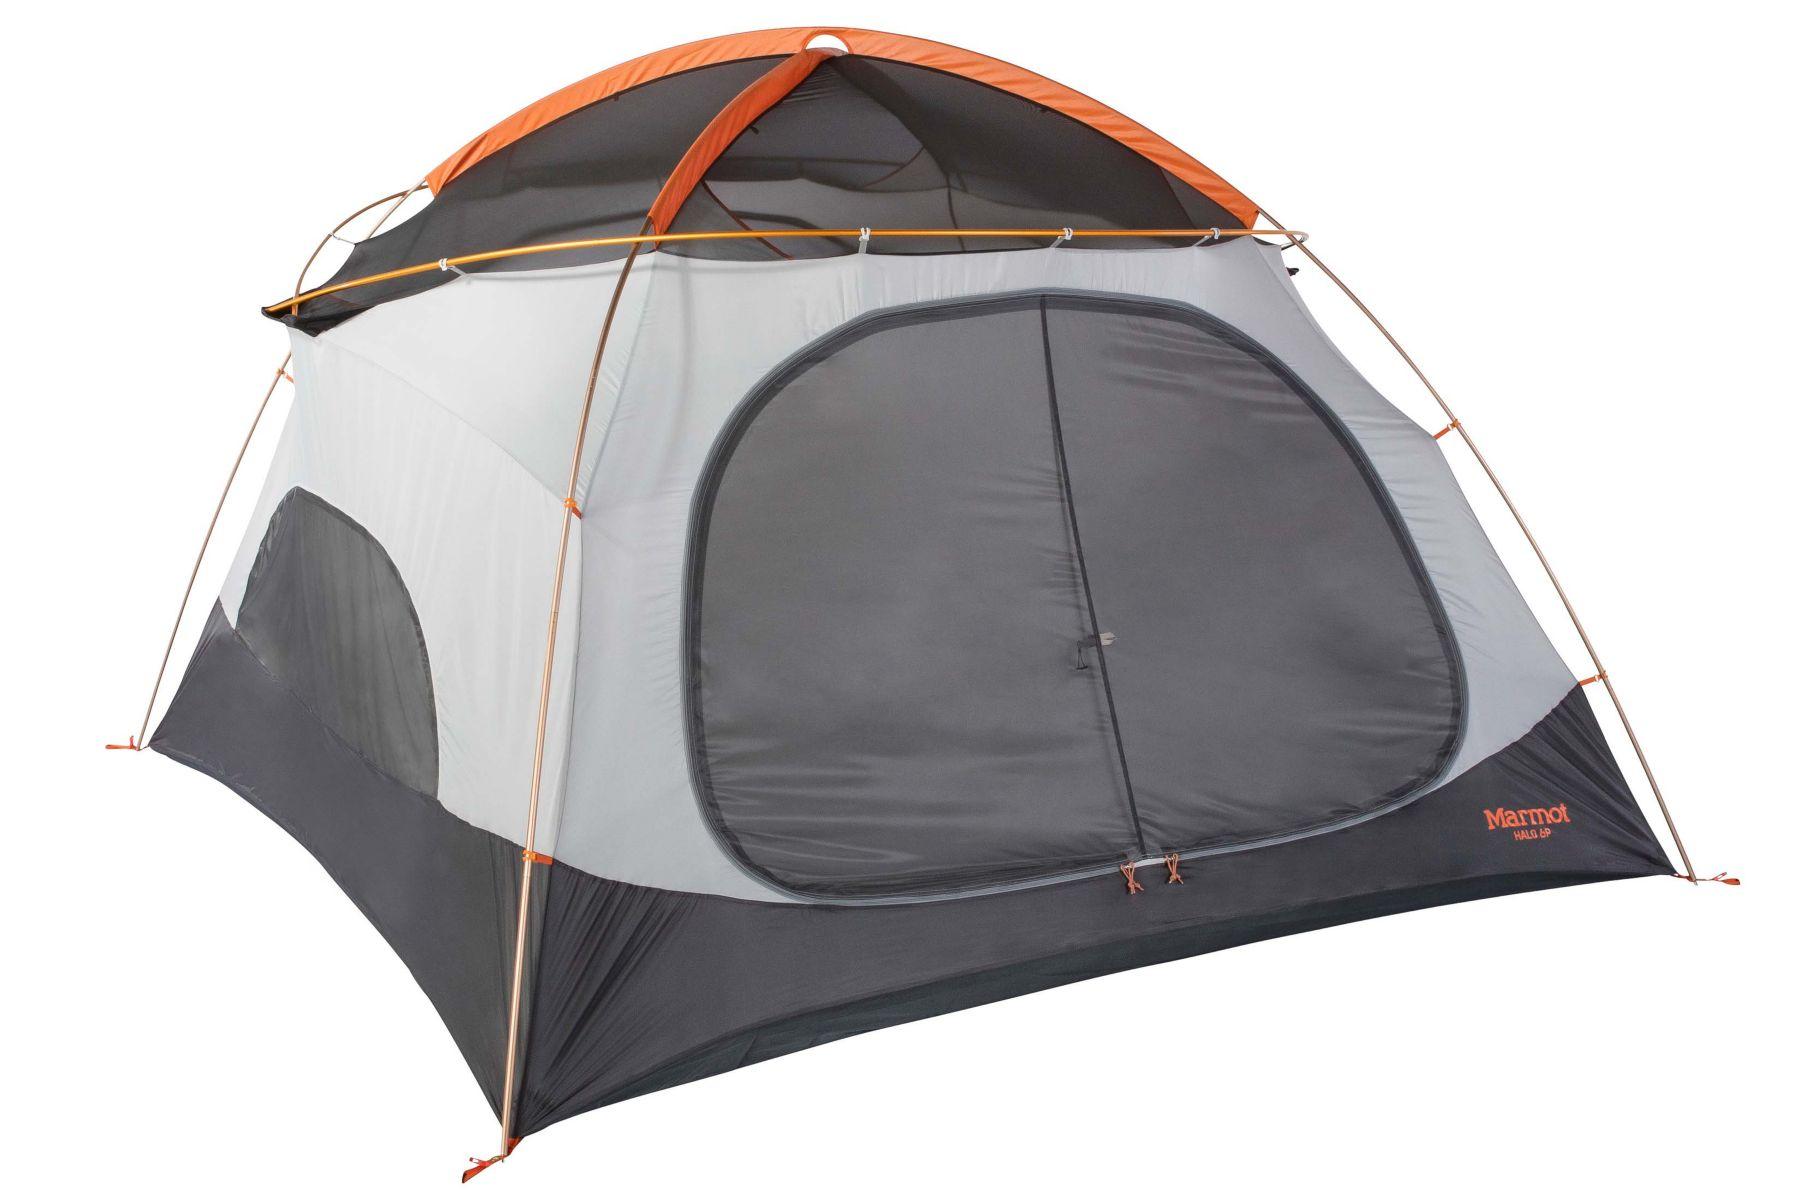 sc 1 st  C&Saver.com & Marmot Halo 6P Tent 29980-9963-ONE with Free Su0026H u2014 CampSaver